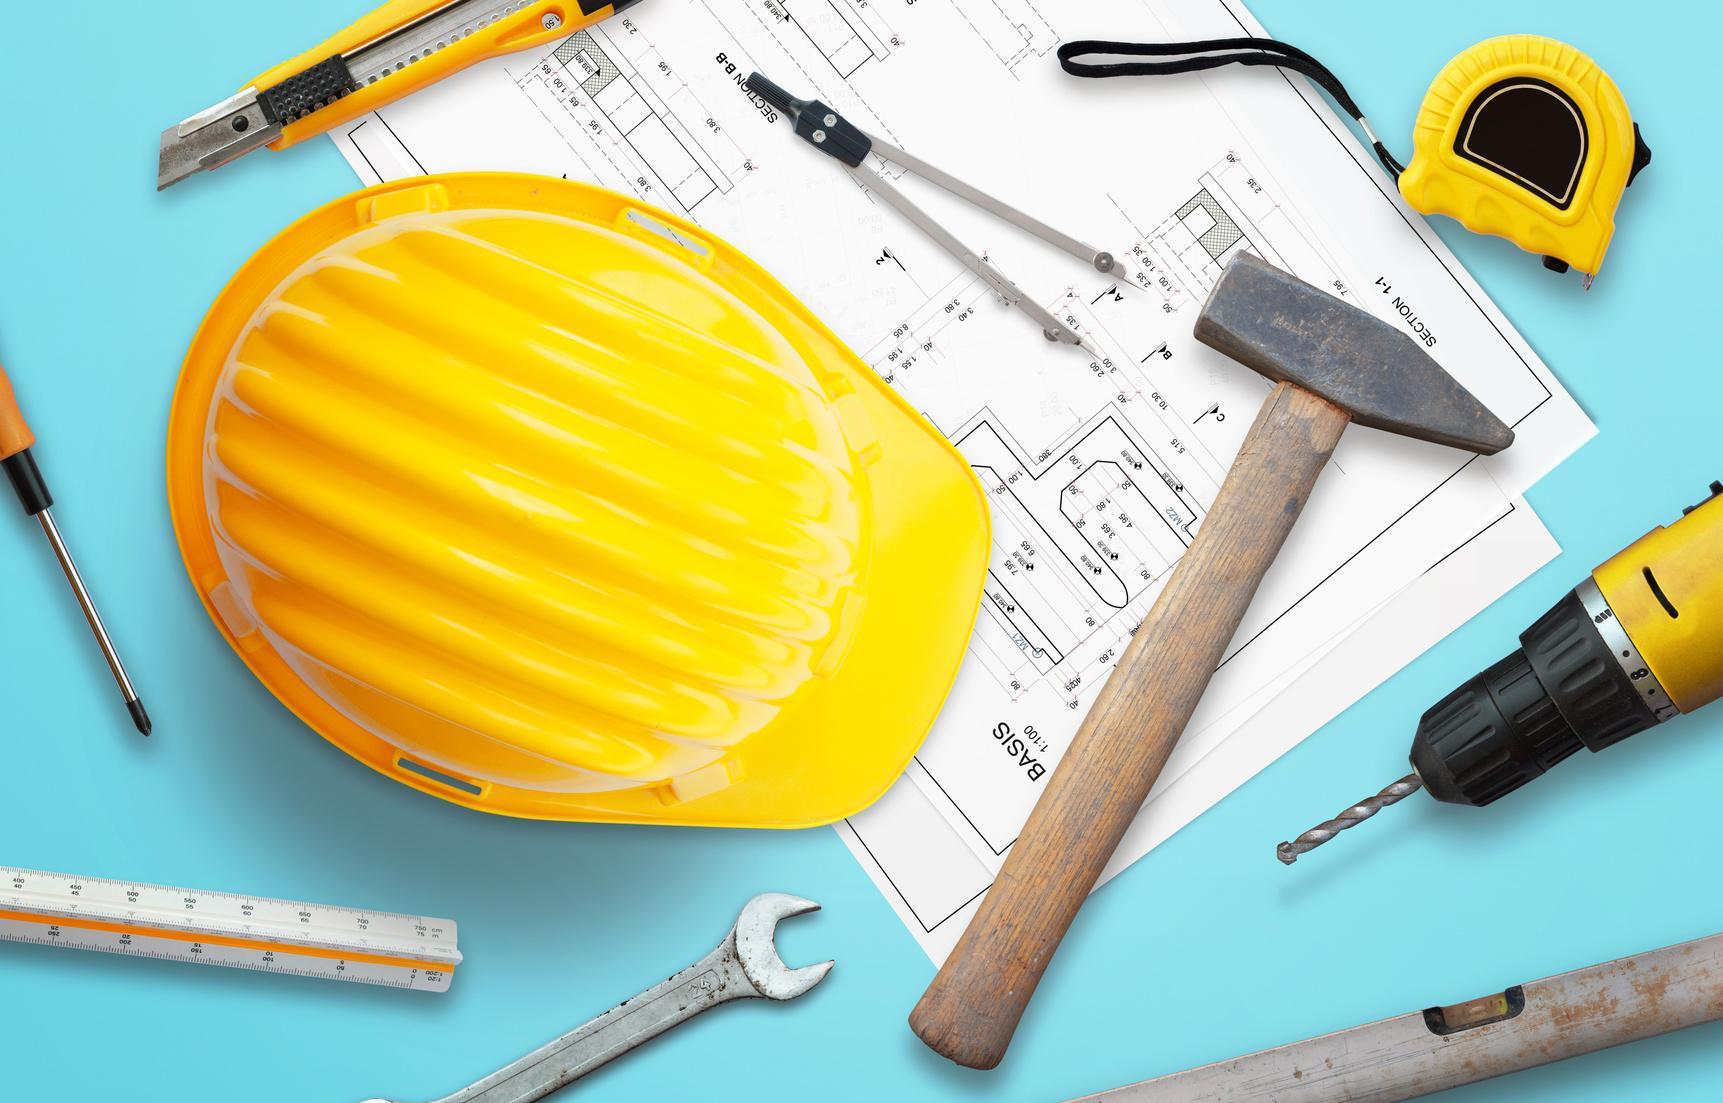 Ristrutturazione di interni restauri edili mattei for Ristrutturazione interni